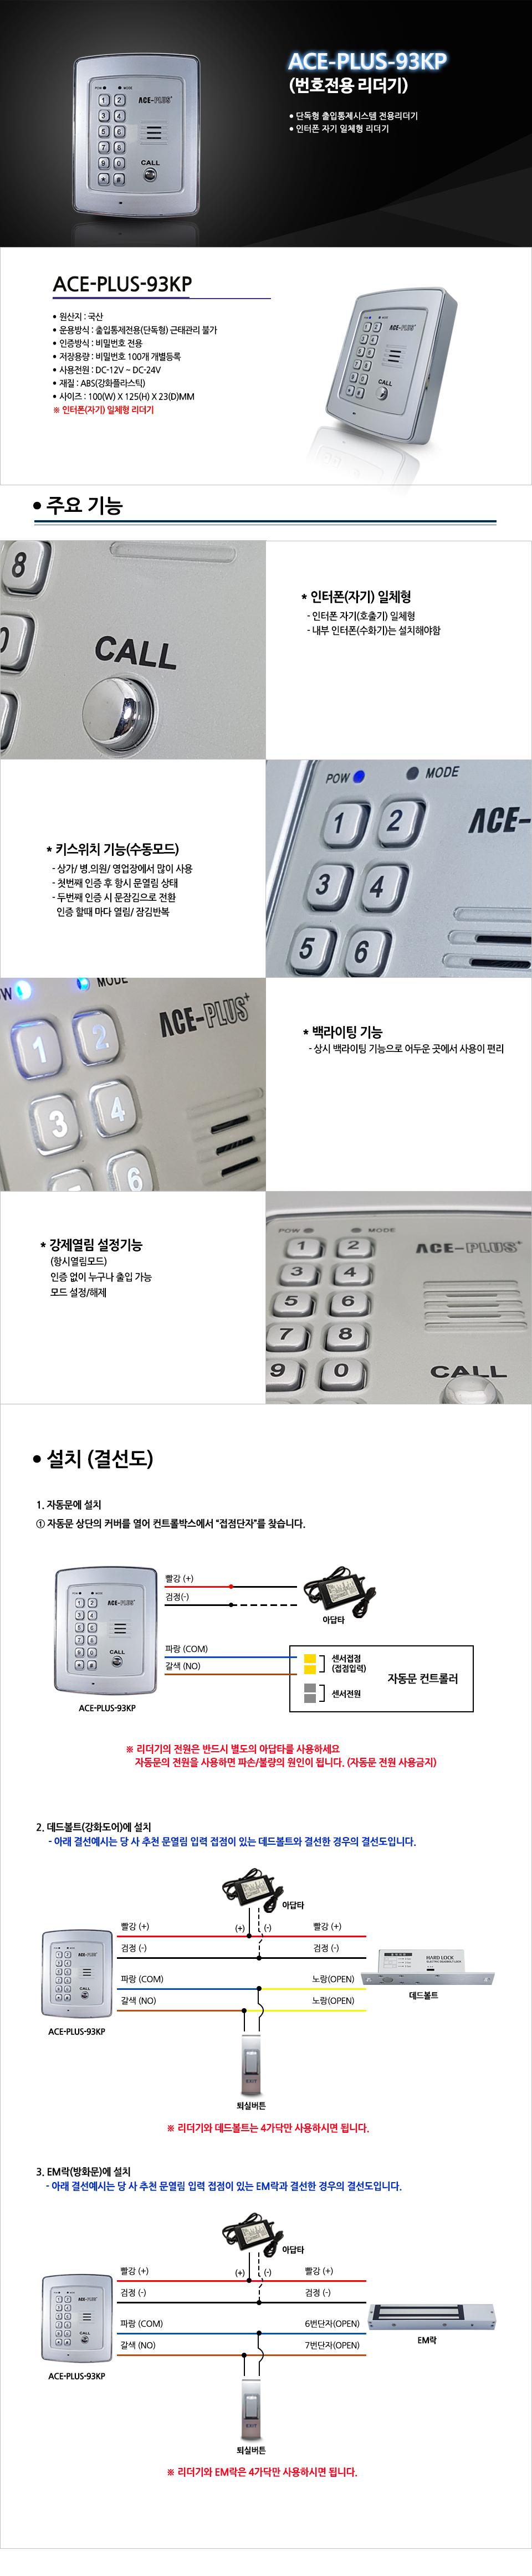 ACE-PLUS-93KP작업-idgd.jpg